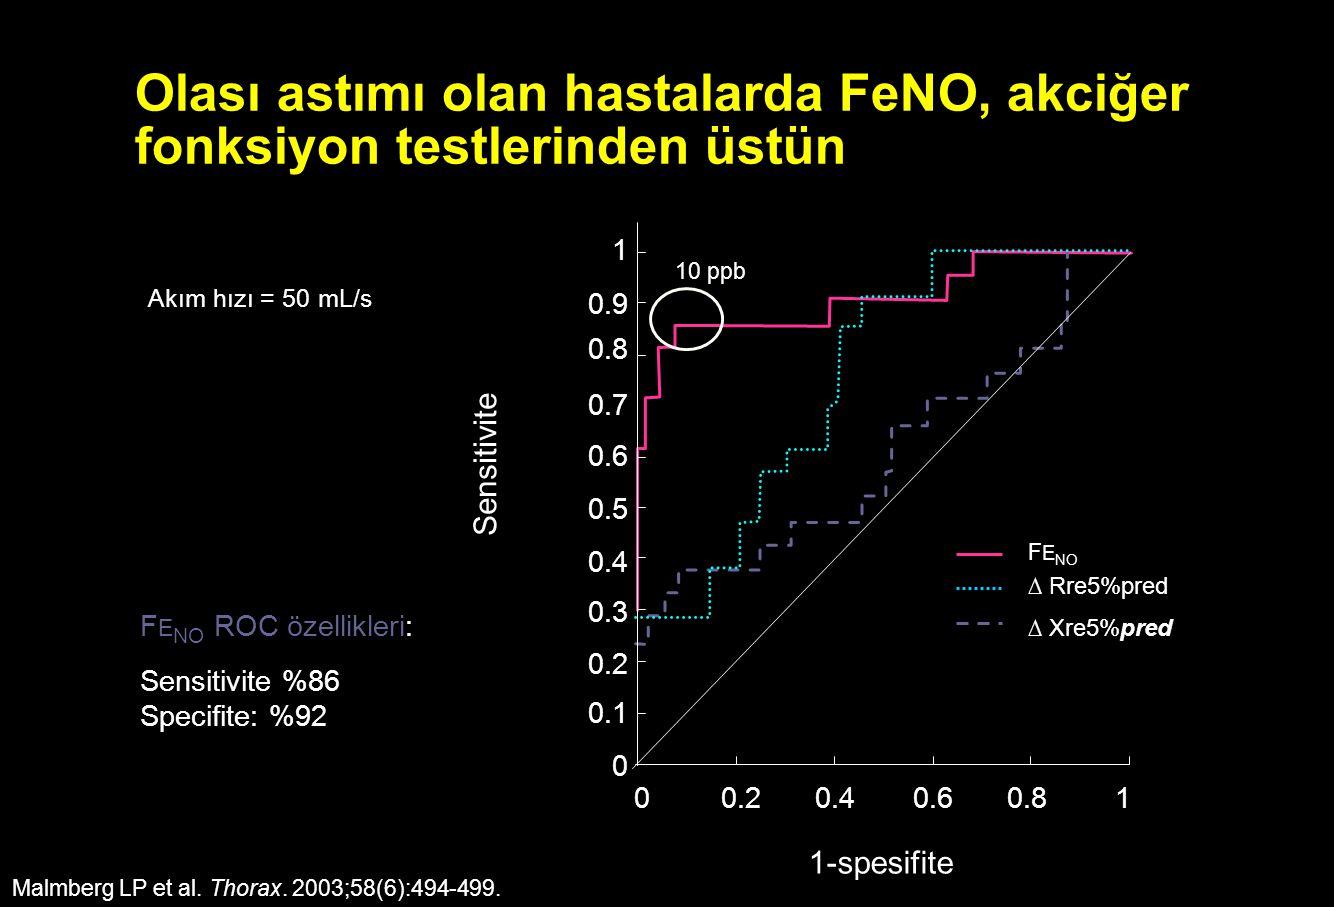 Olası astımı olan hastalarda FeNO, akciğer fonksiyon testlerinden üstün Malmberg LP et al. Thorax. 2003;58(6):494-499. F E NO ROC özellikleri: Sensiti